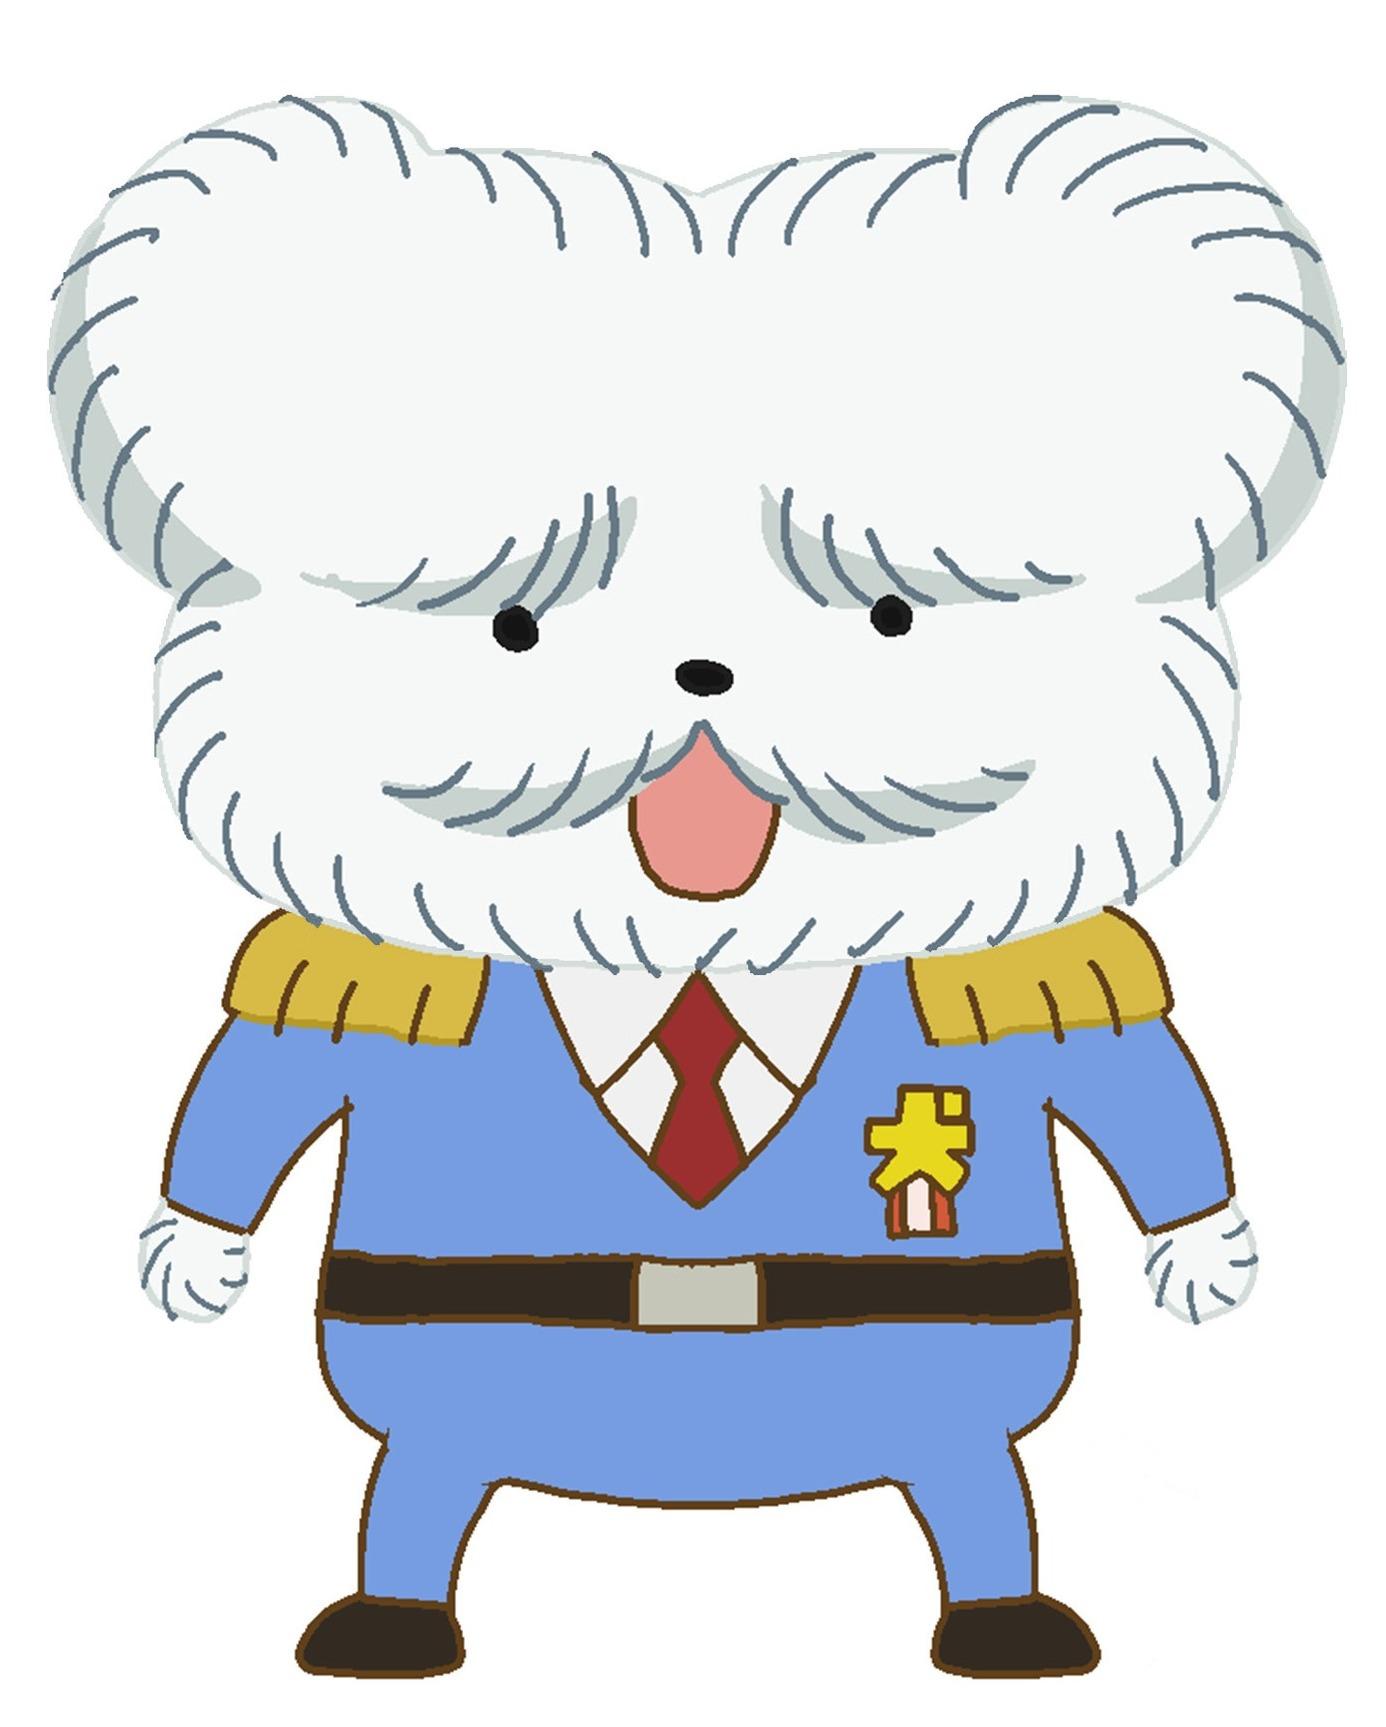 マルチーズ署長 (C)Troll/POPLAR  (C)2020東映まんがまつり製作委員会